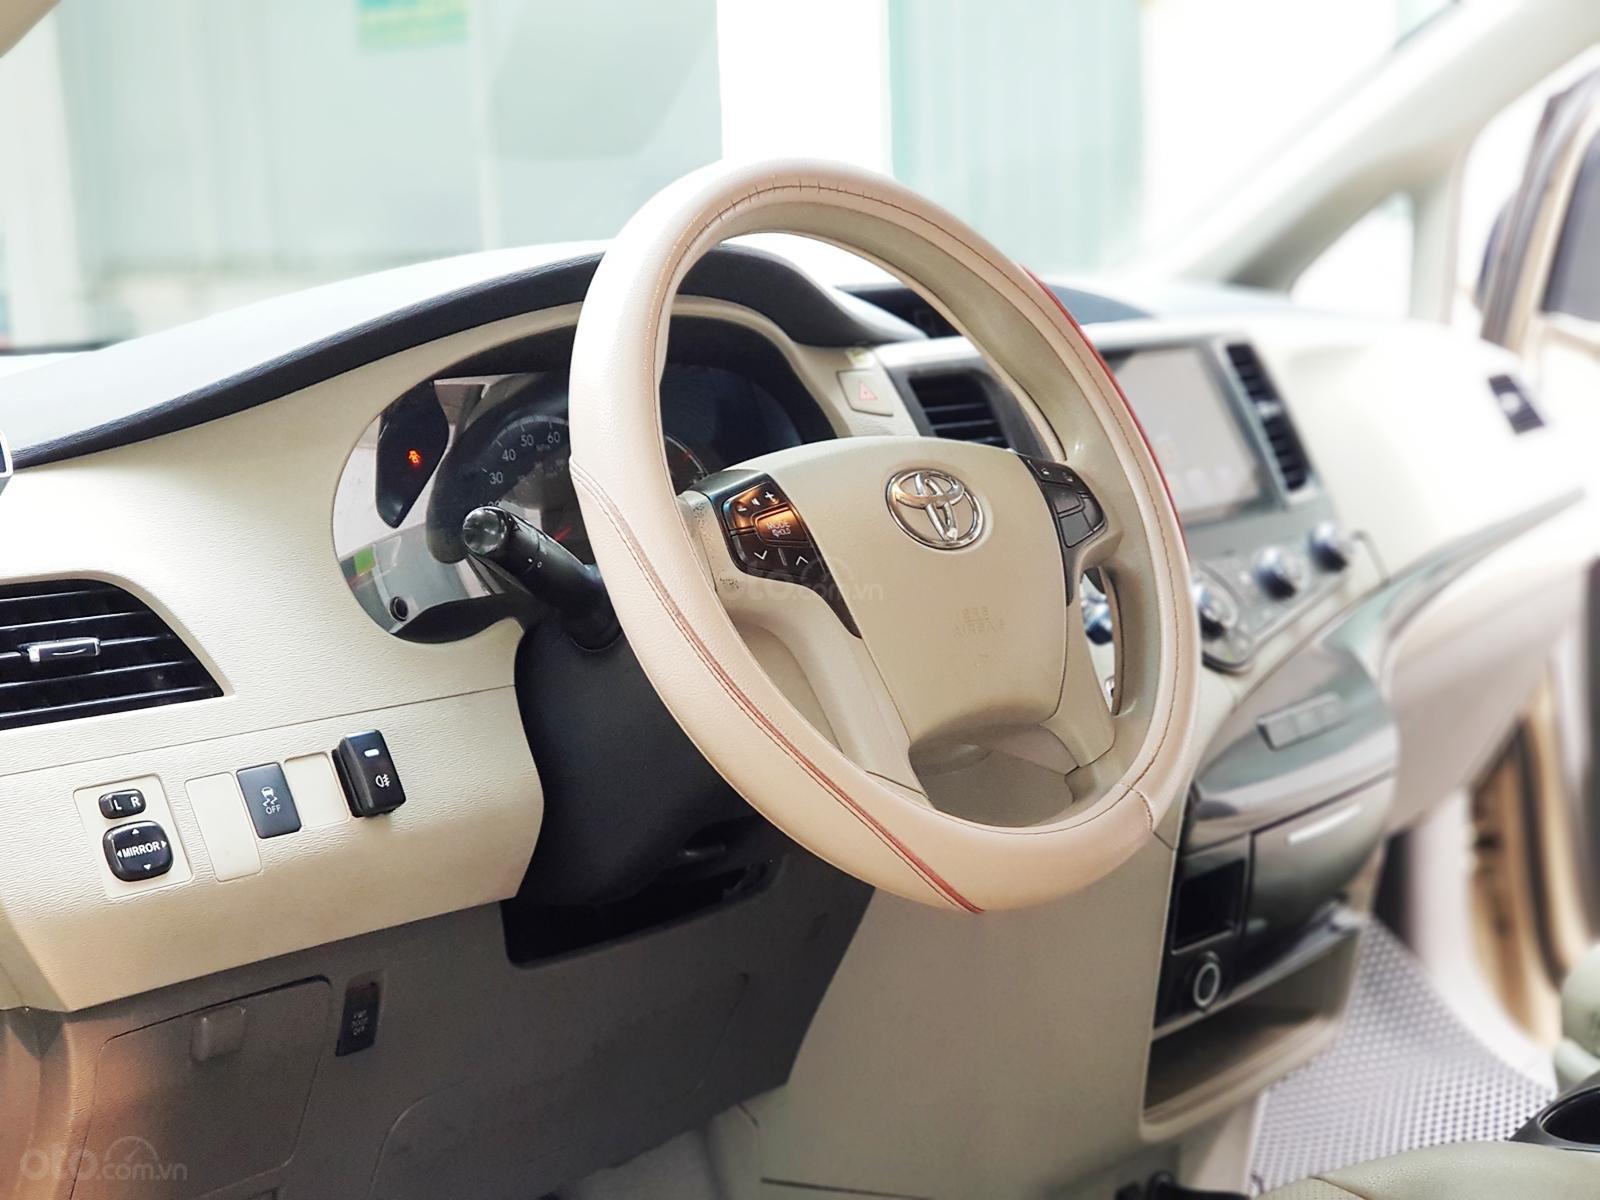 Bán xe Toyota Sienna 2011 3.5 LE nhập khẩu Mỹ (20)